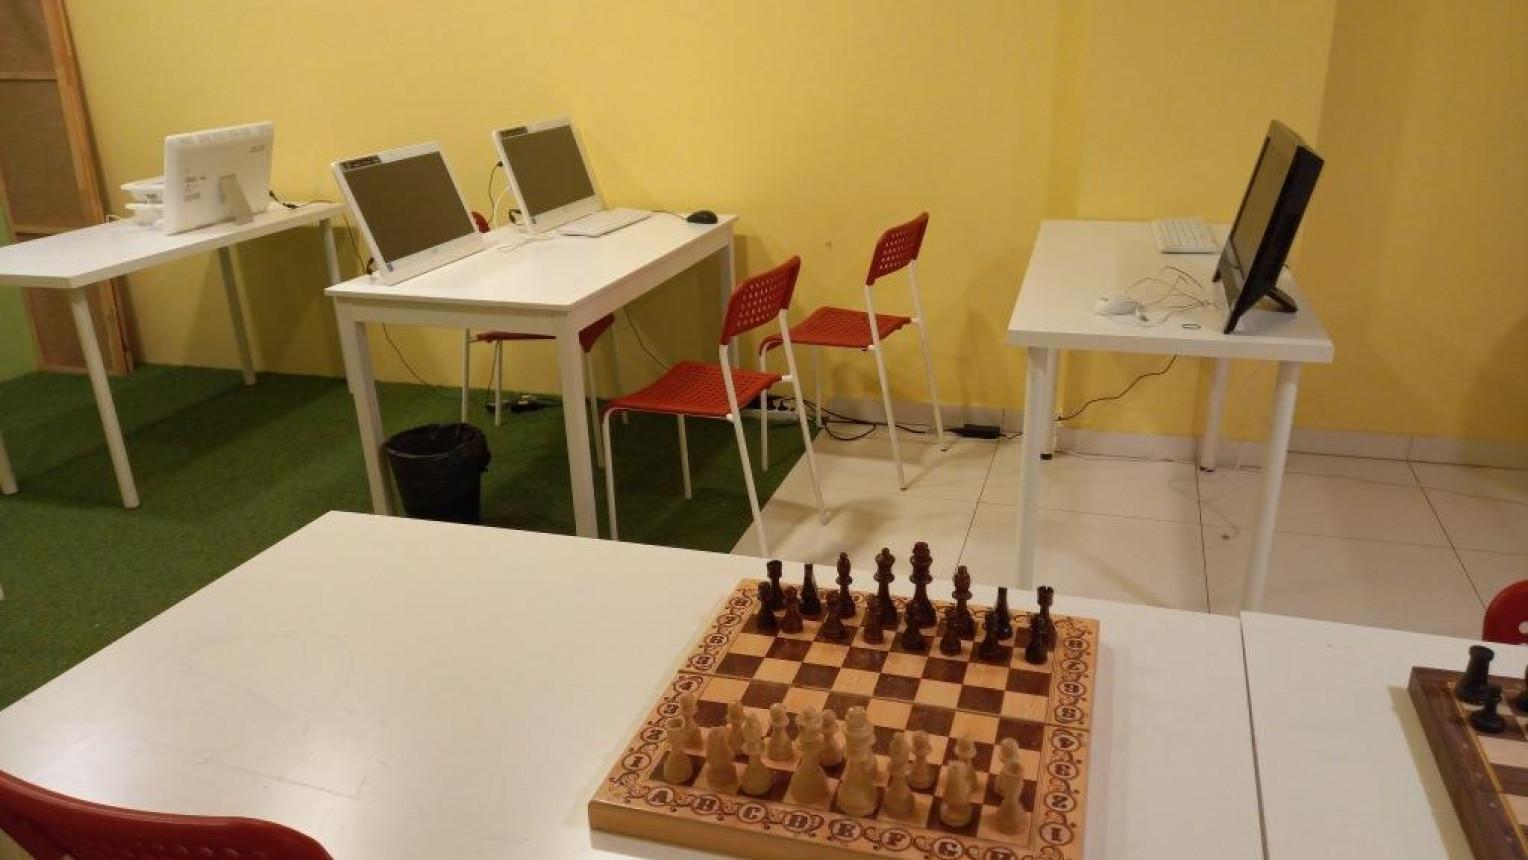 Кабинет шахмат - фото №2